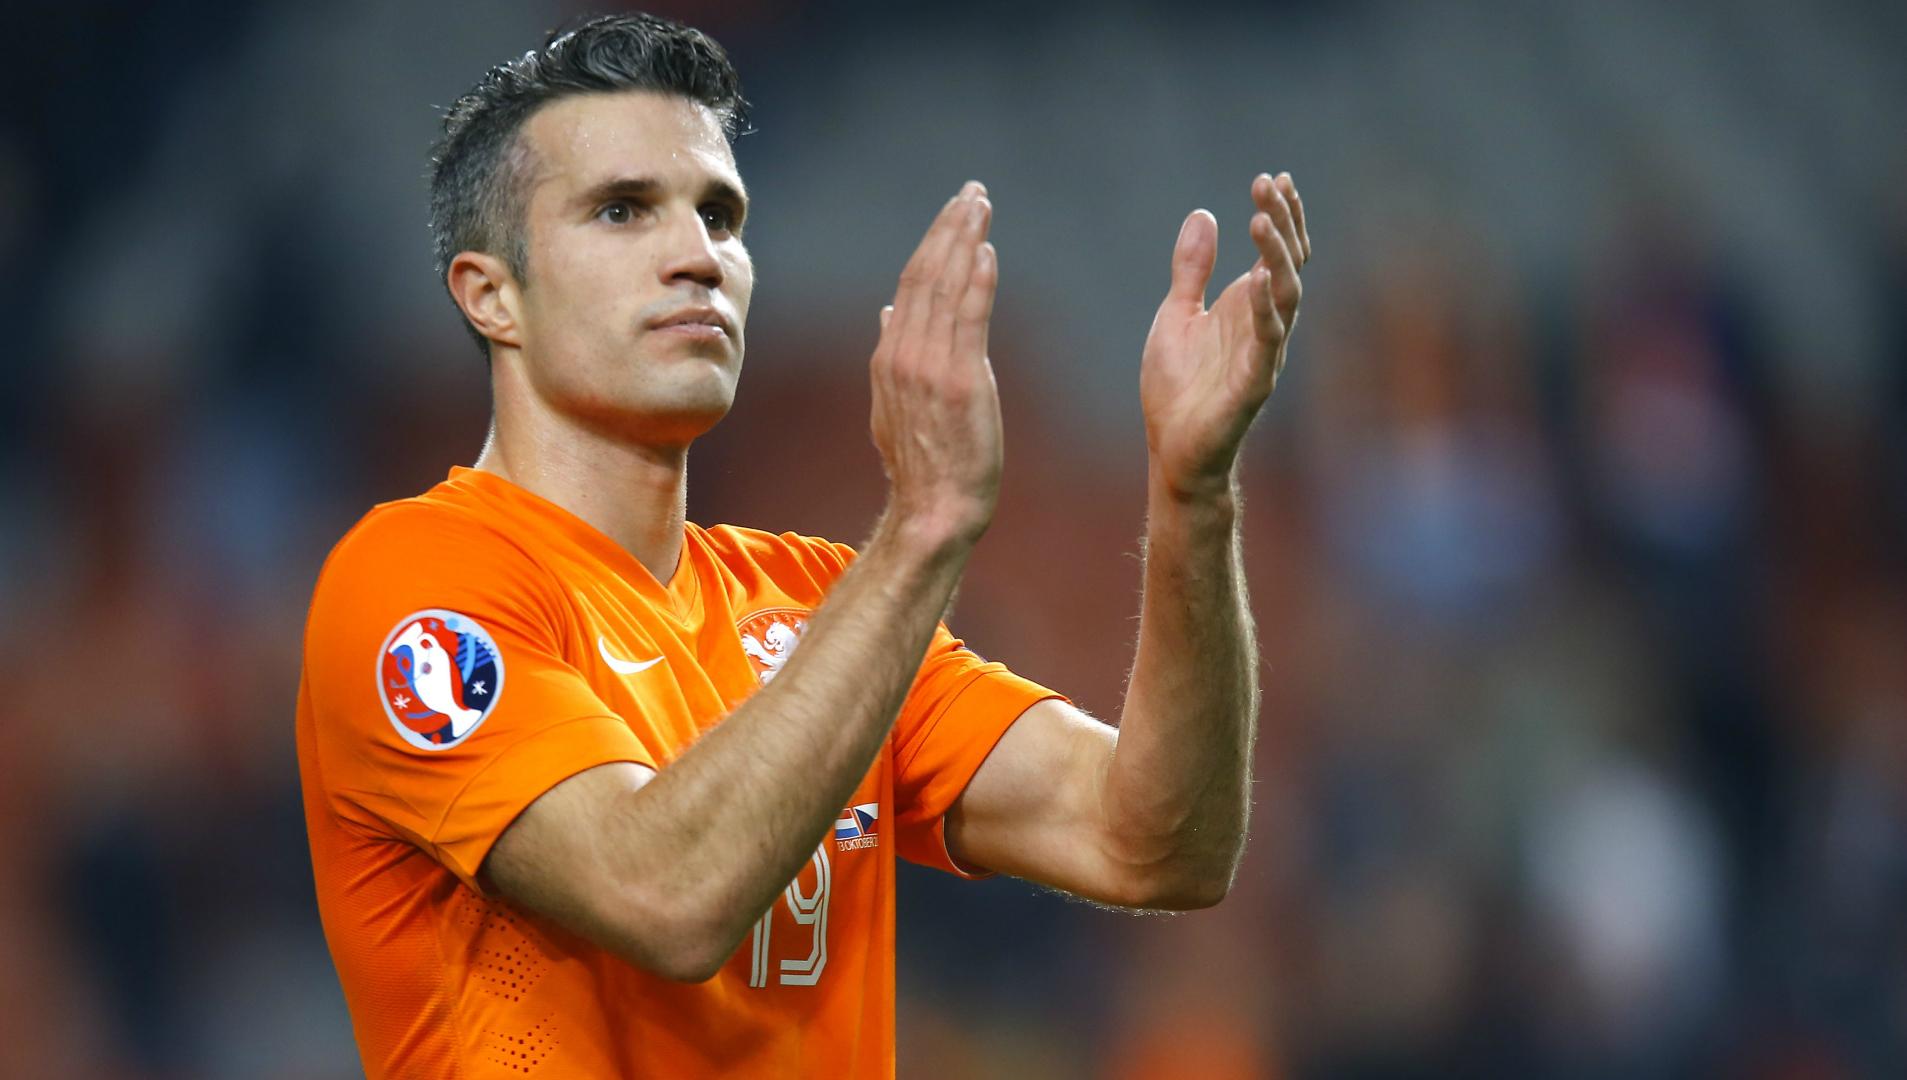 Van Persie returns home to Feyenoord